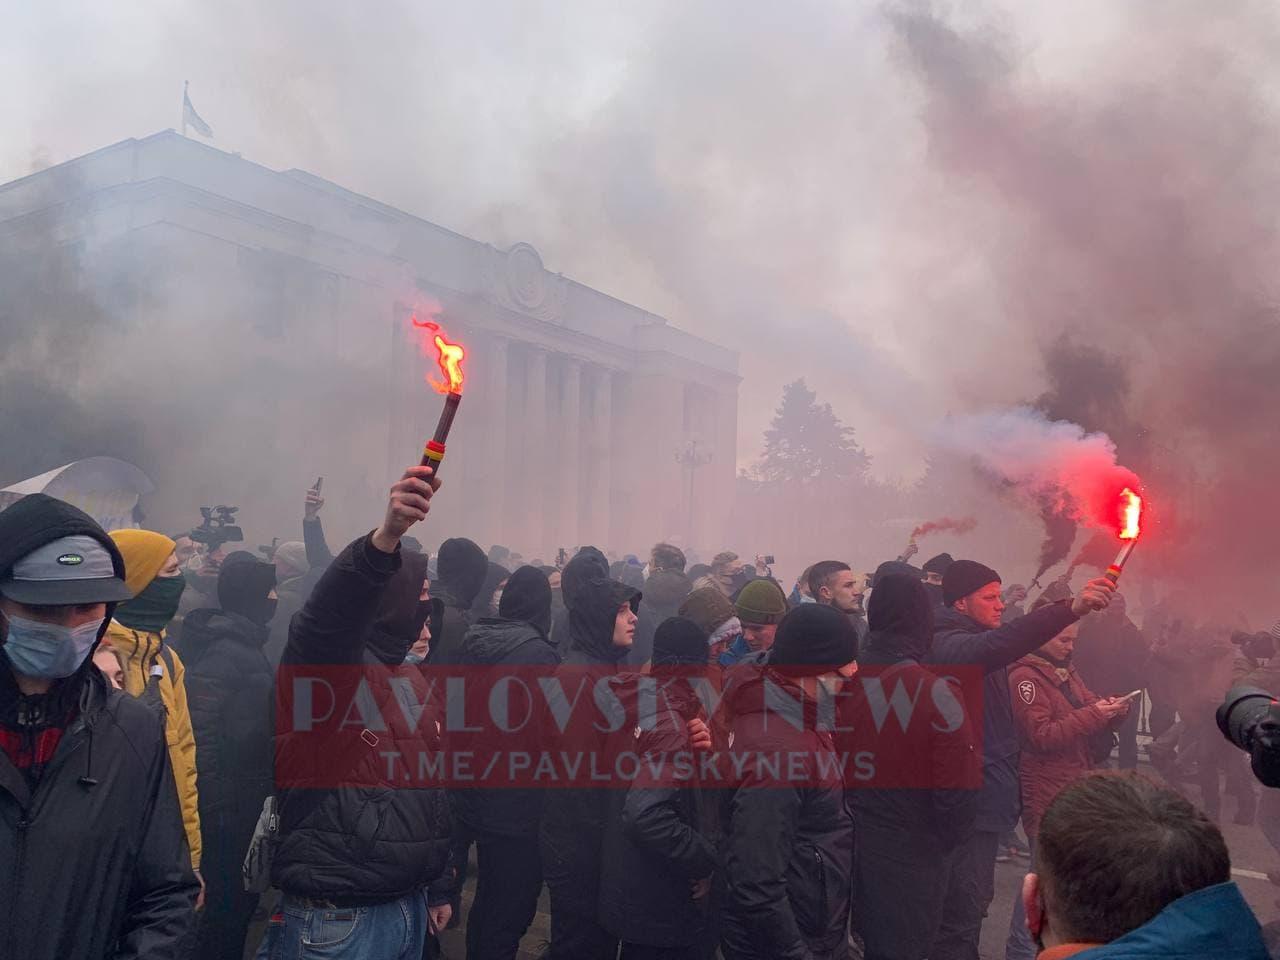 У Києві активісти на підтримку Стерненка крокують до Генпрокуратури: уся колона в диму (фото) - фото 9